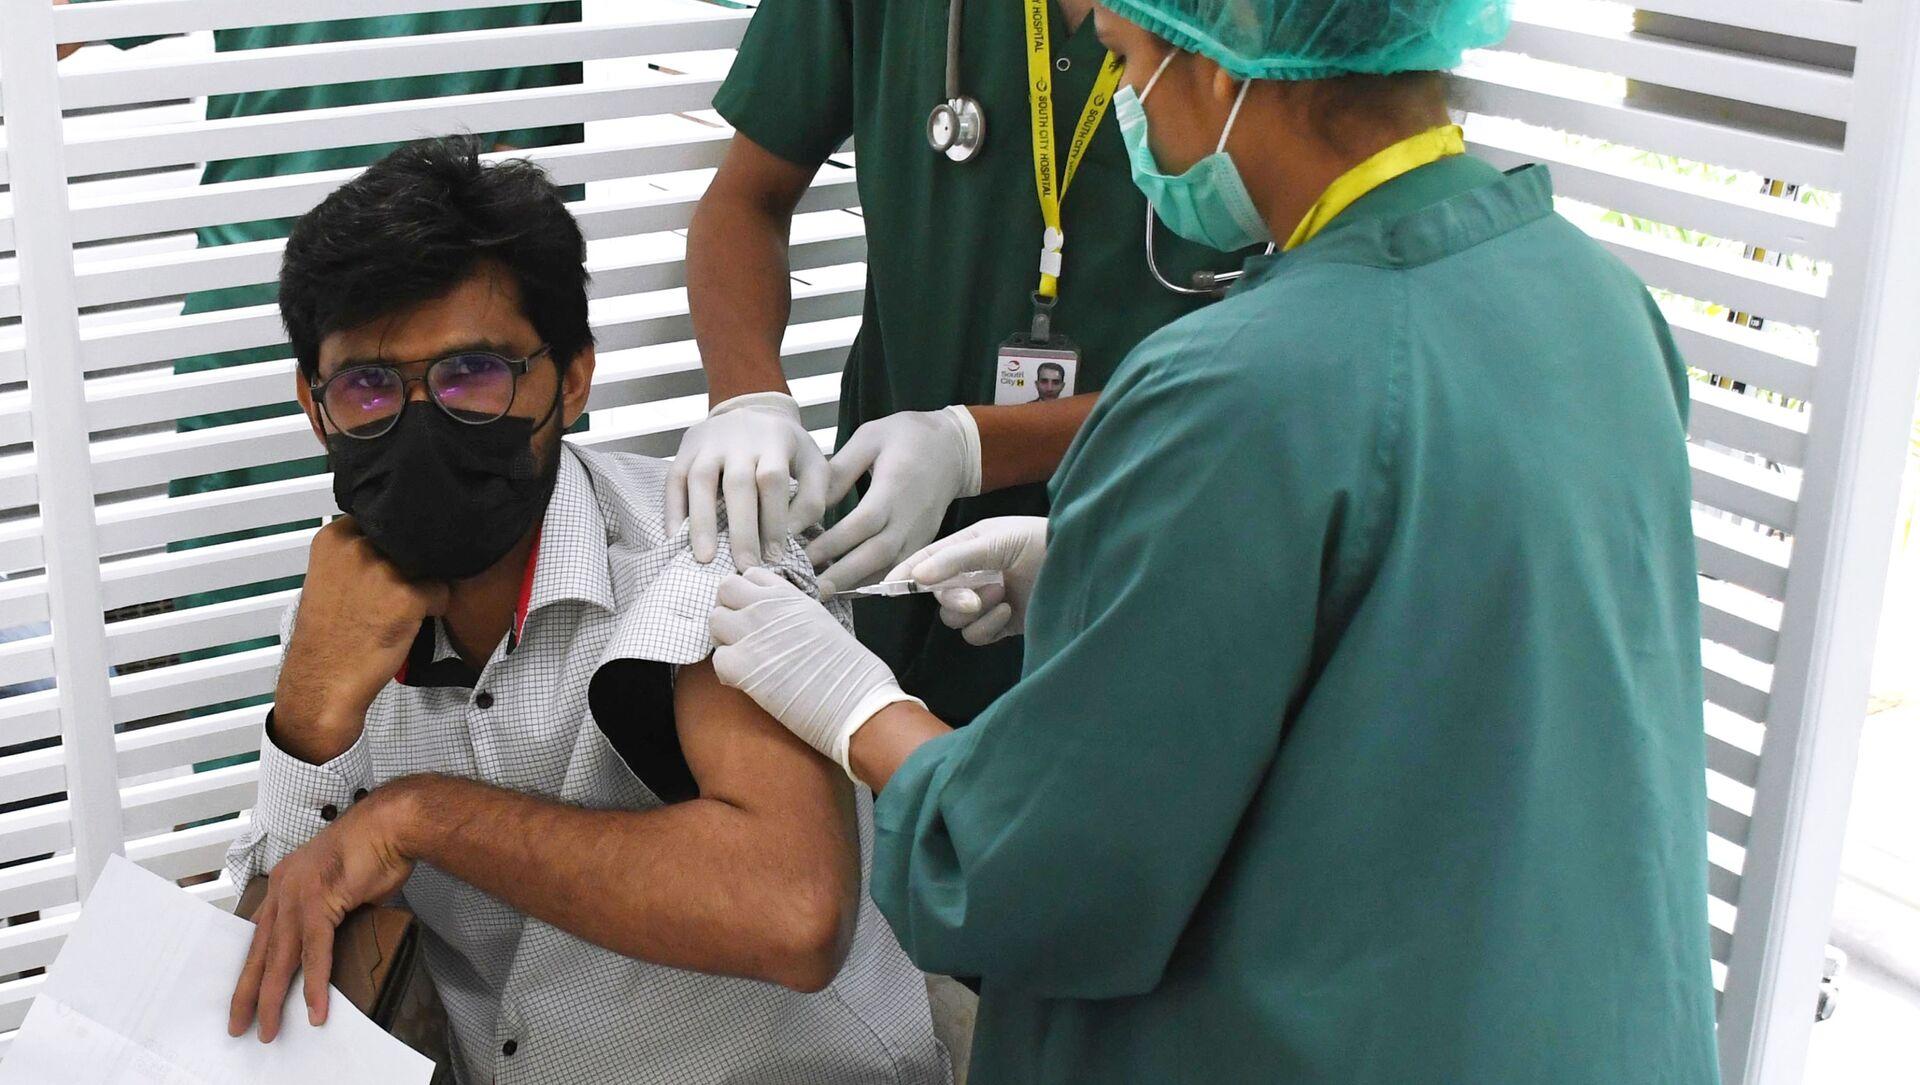 Un giovane viene vaccinato contro il Covid 19 - Sputnik Italia, 1920, 06.05.2021